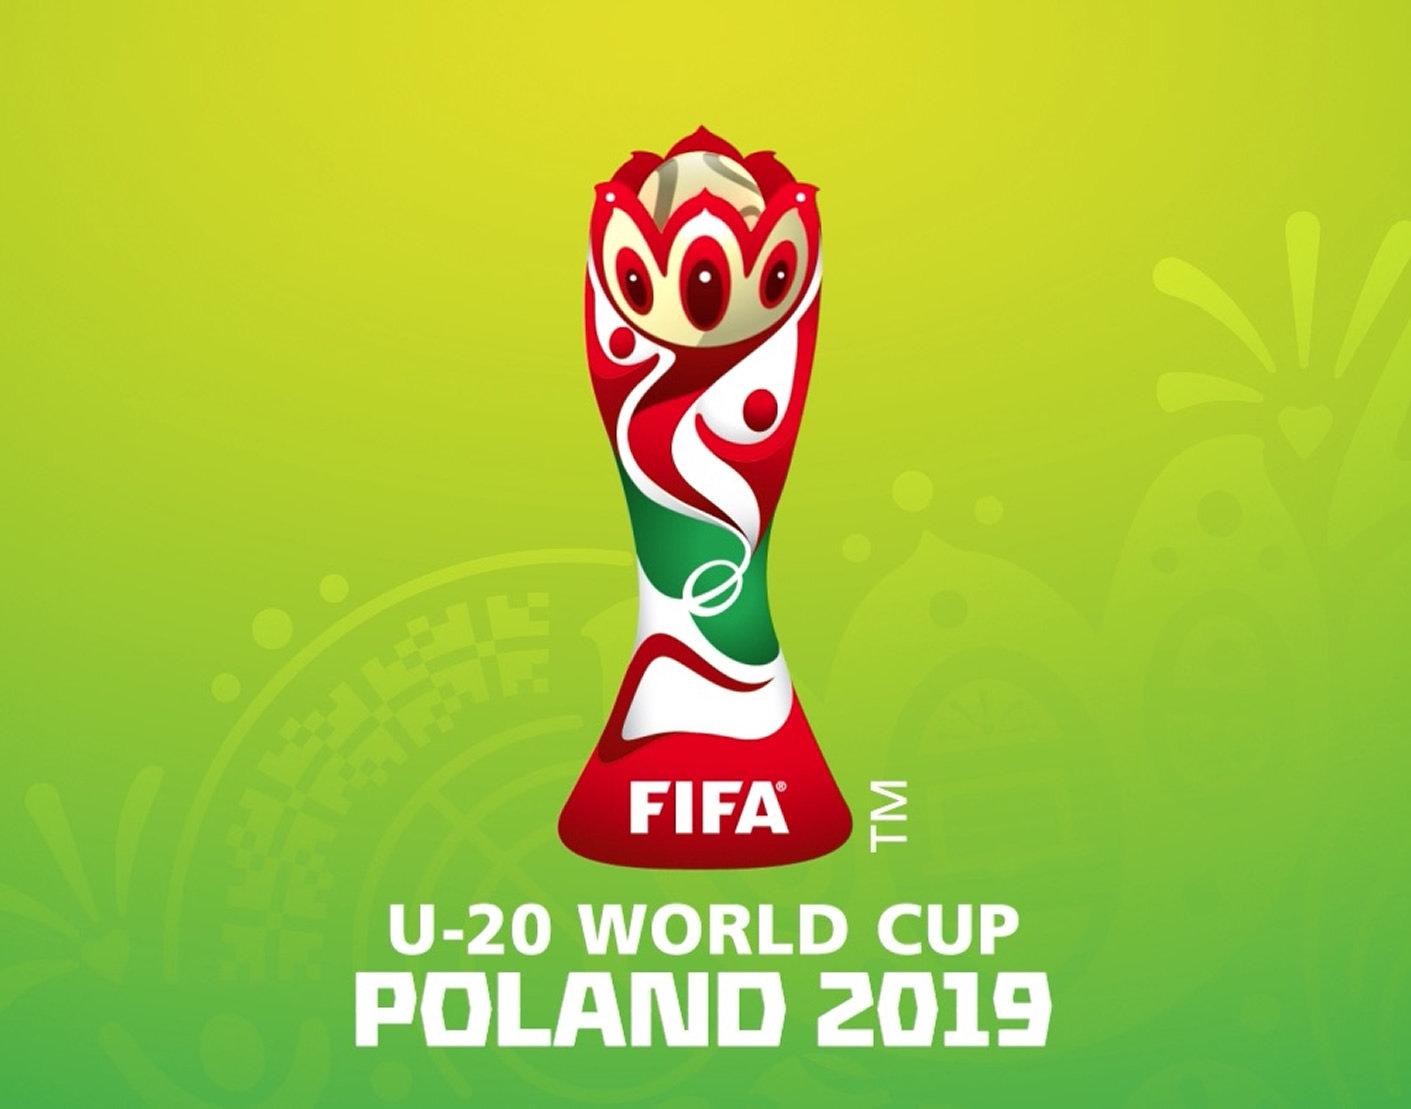 Logo oficial de la Copa del Mundo Sub-20 Polonia 2019   Imagen FIFA